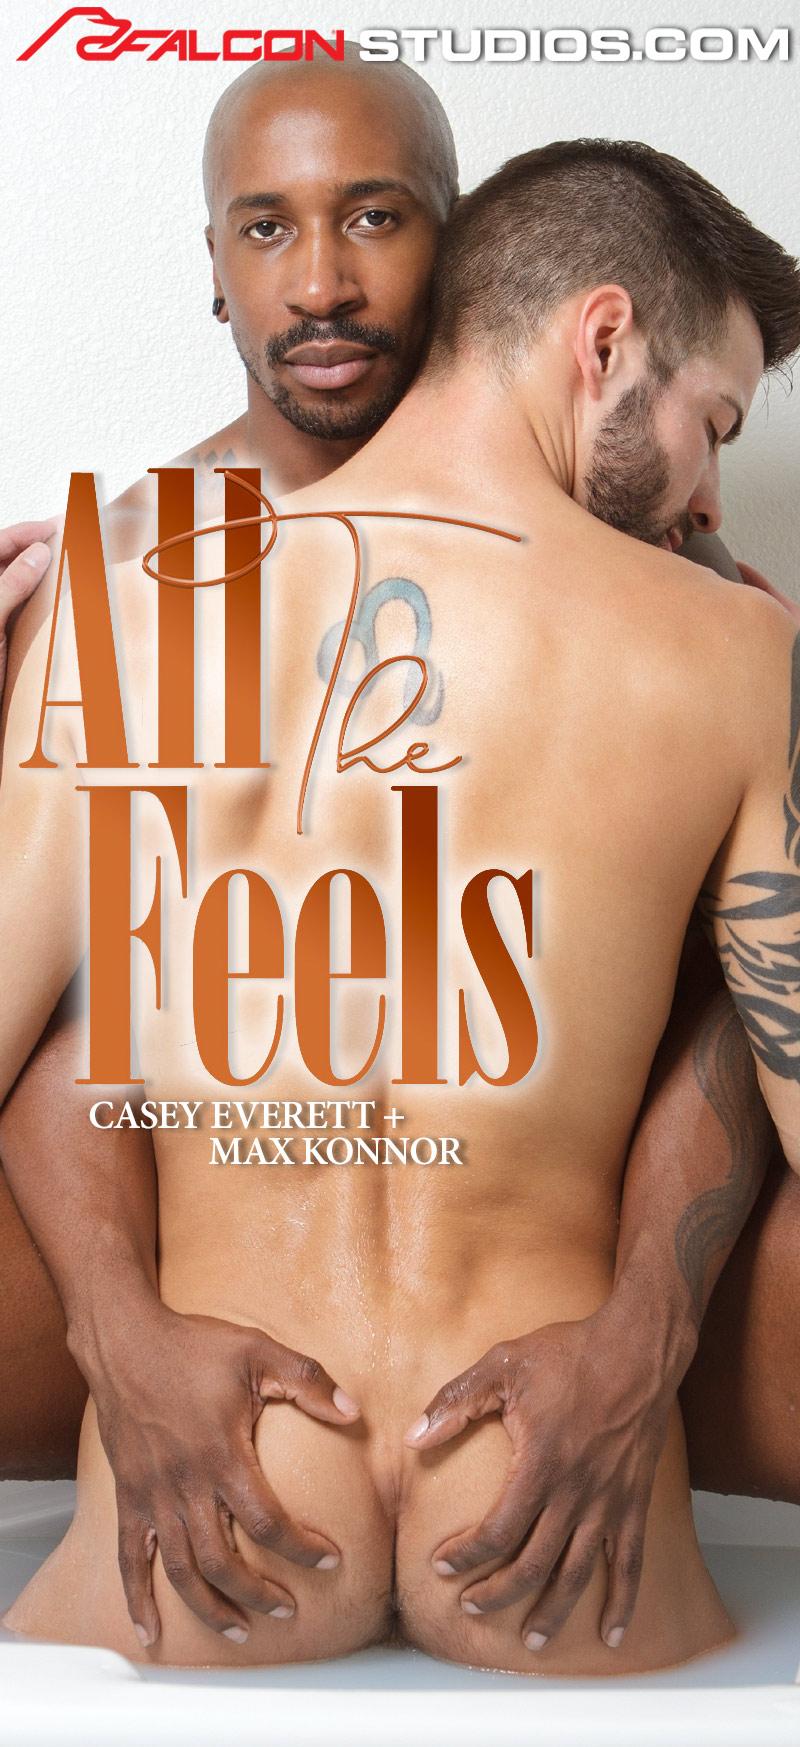 All The Feels, Scene 2 (Max Konnor Fucks Casey Everett) at FalconStudios